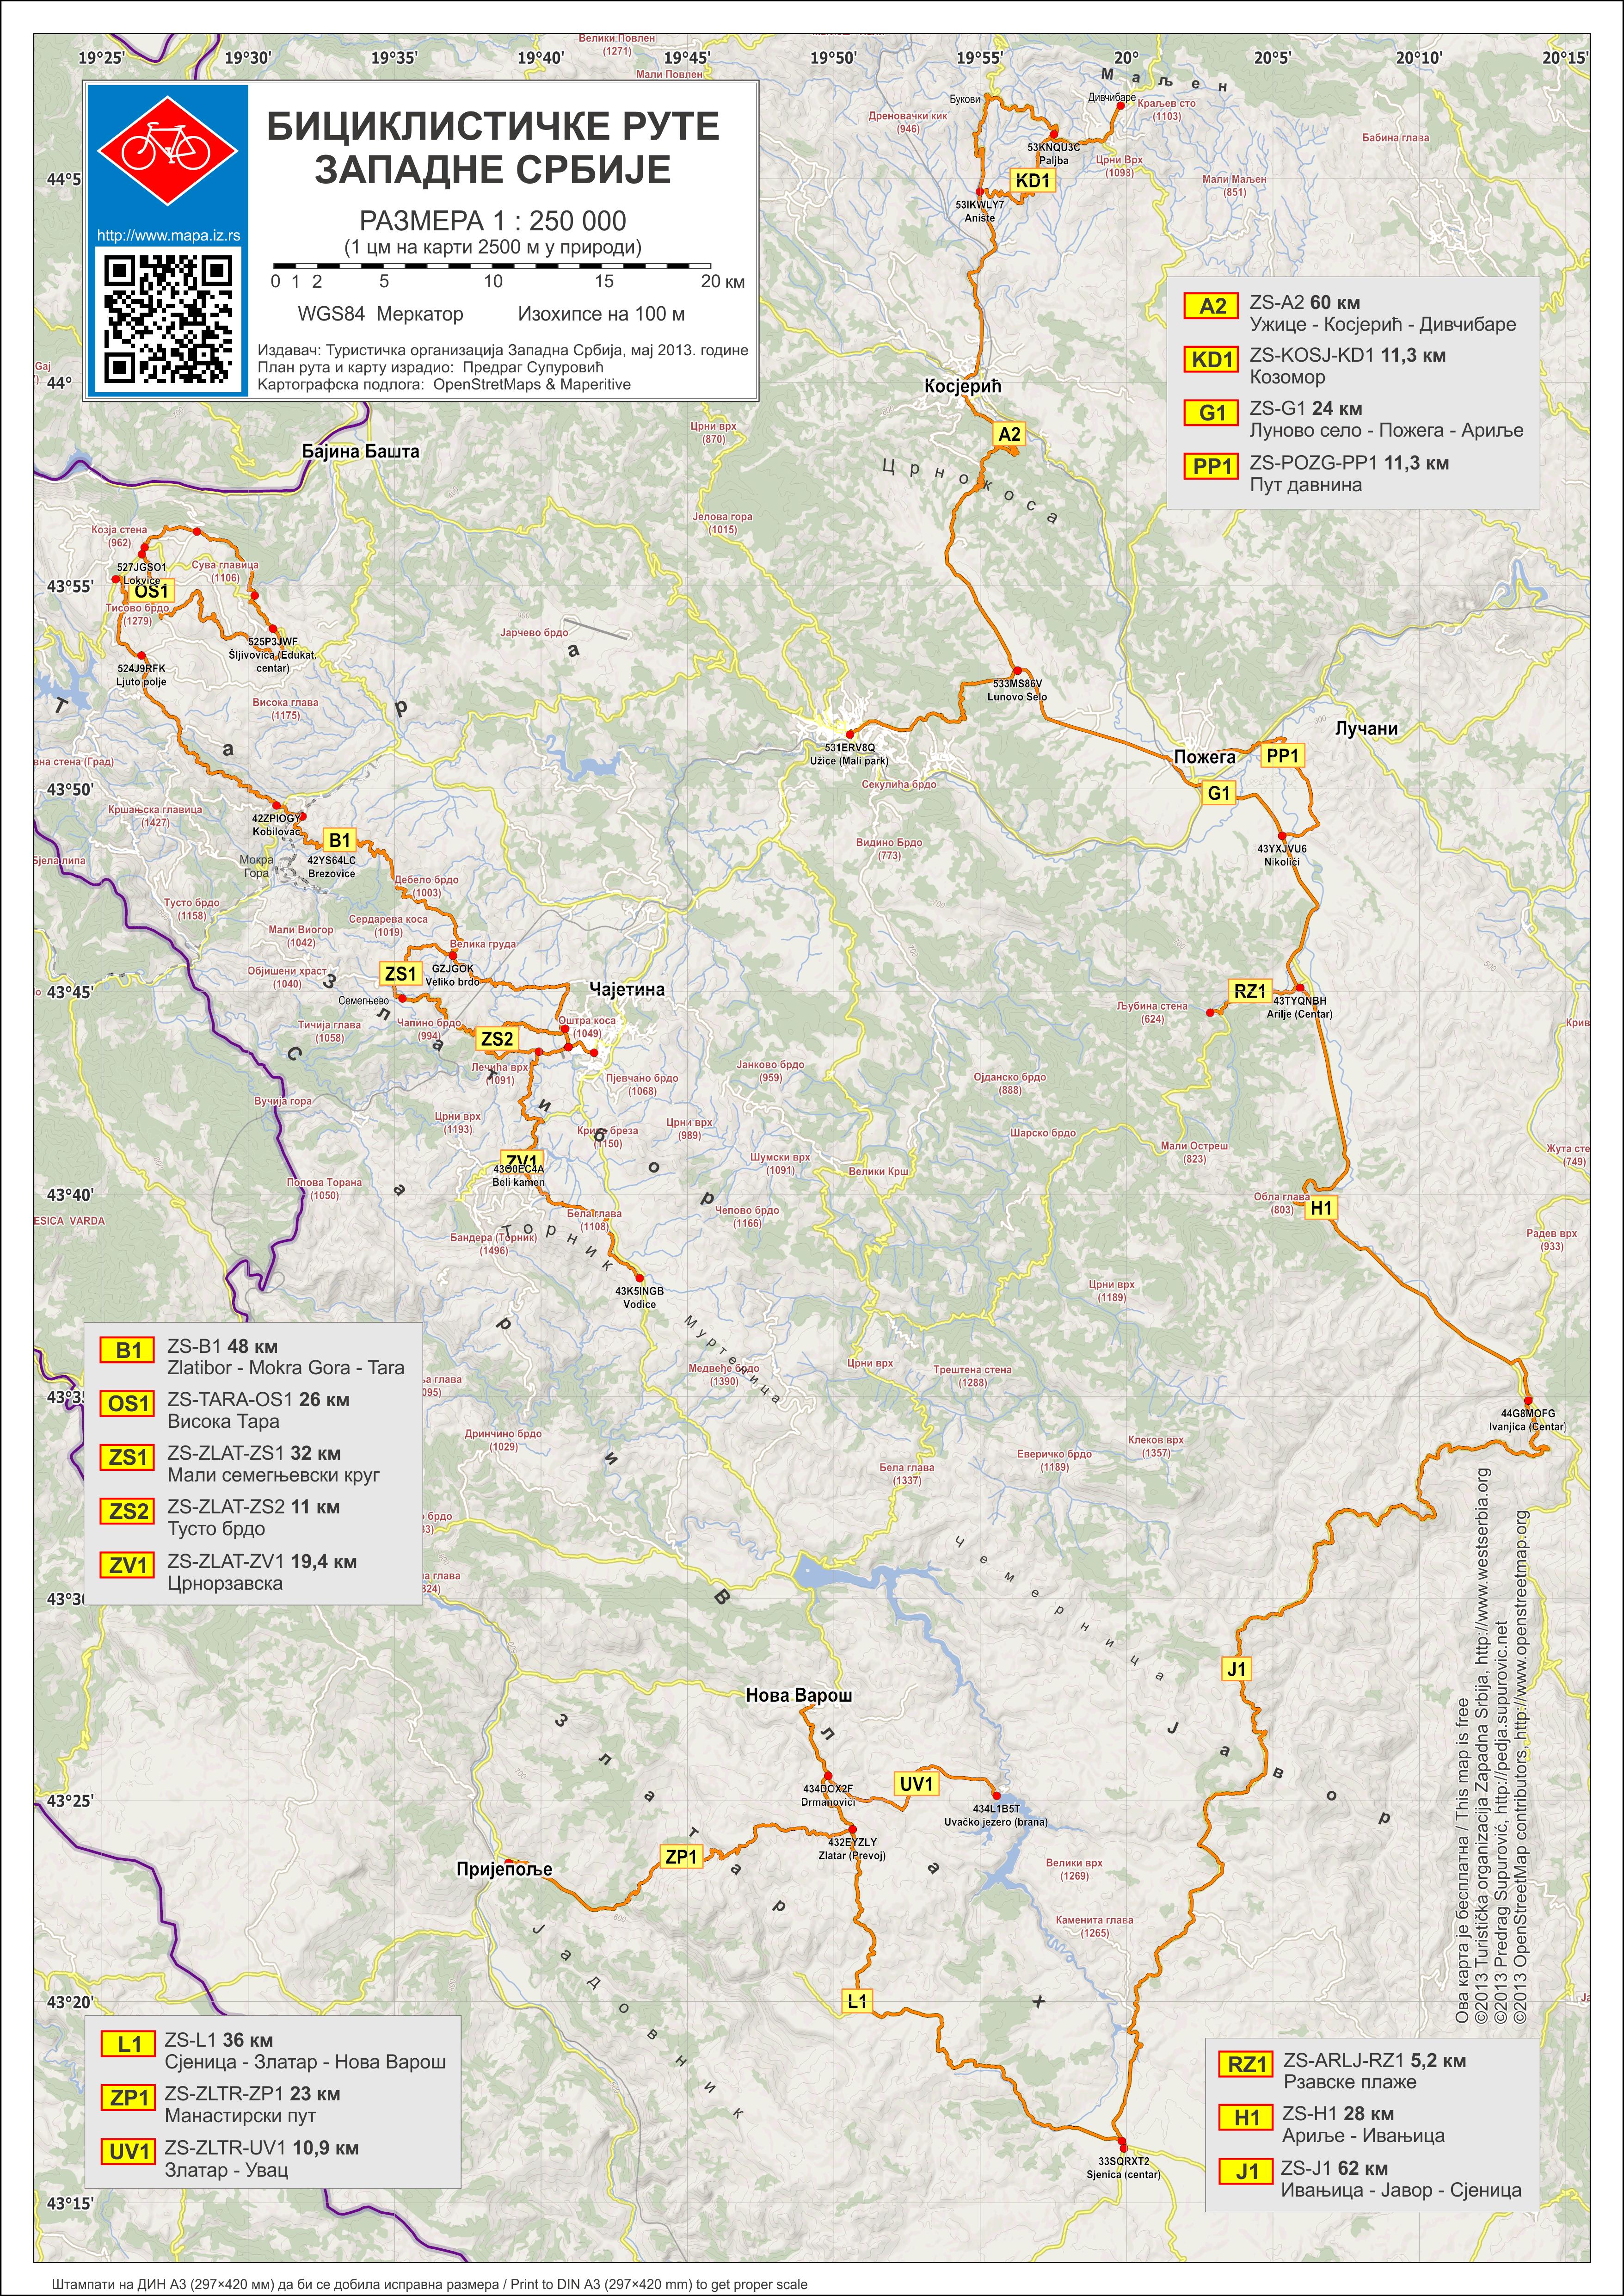 zapadna srbija mapa Пеђа Супуровић, бележница » Обележене бициклистичке руте у  zapadna srbija mapa